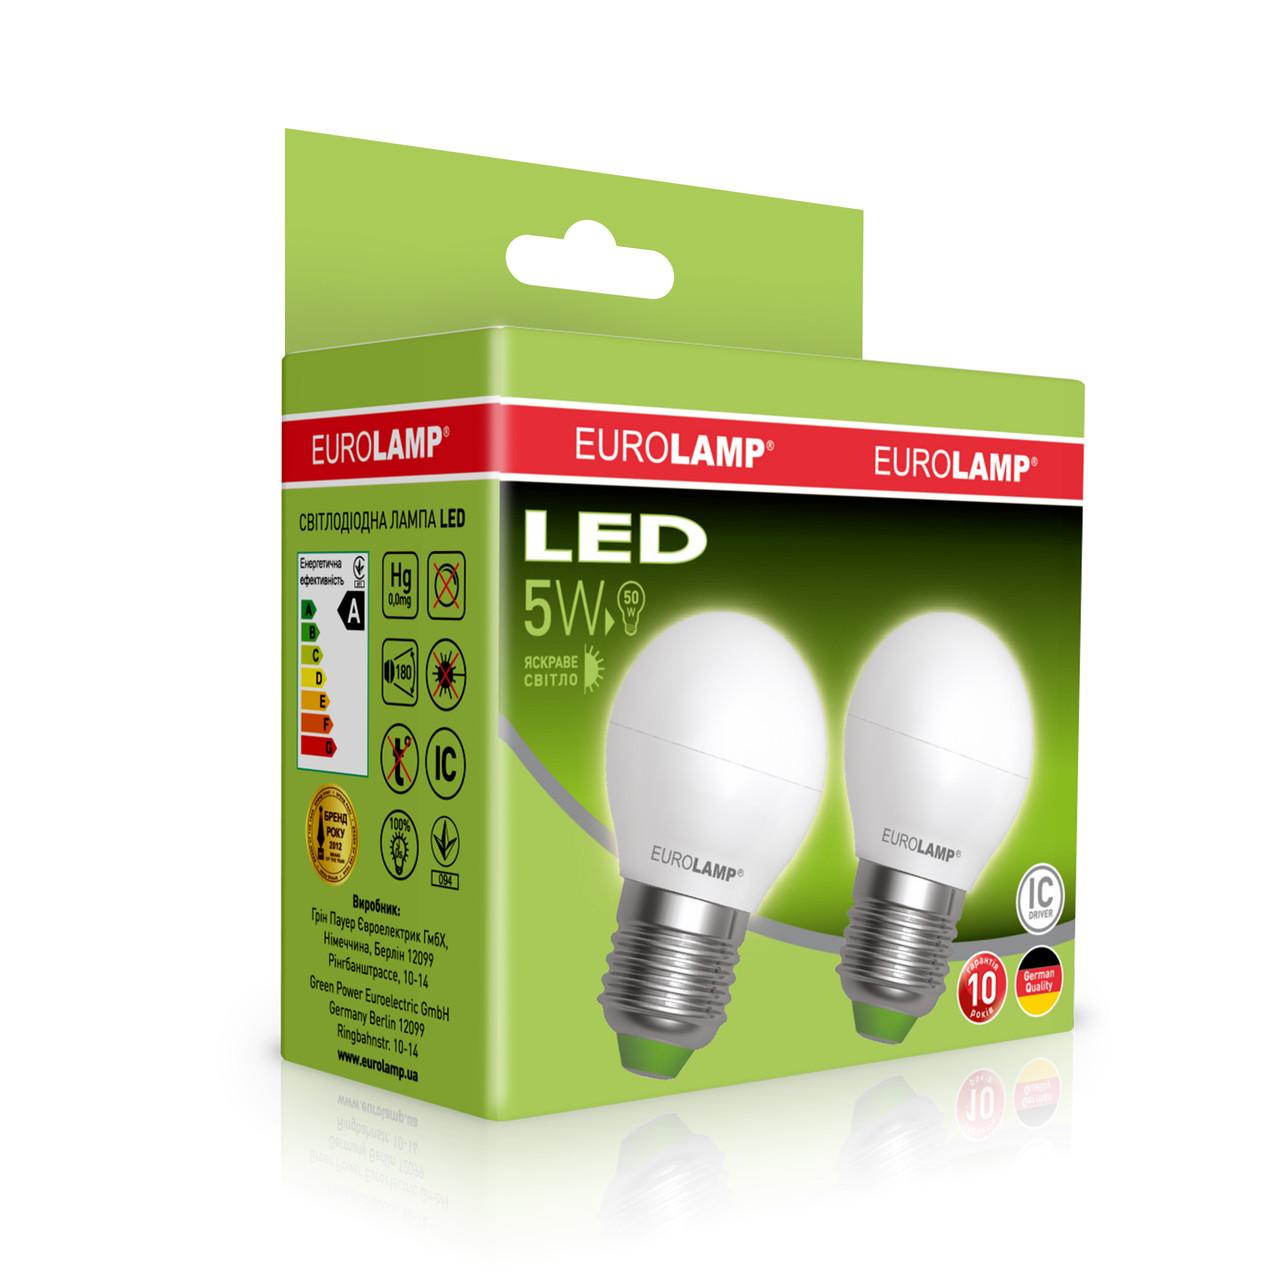 """Промо-набор EUROLAMP LED Лампа ЕКО G45 5W E27 4000K акция """"1+1"""""""